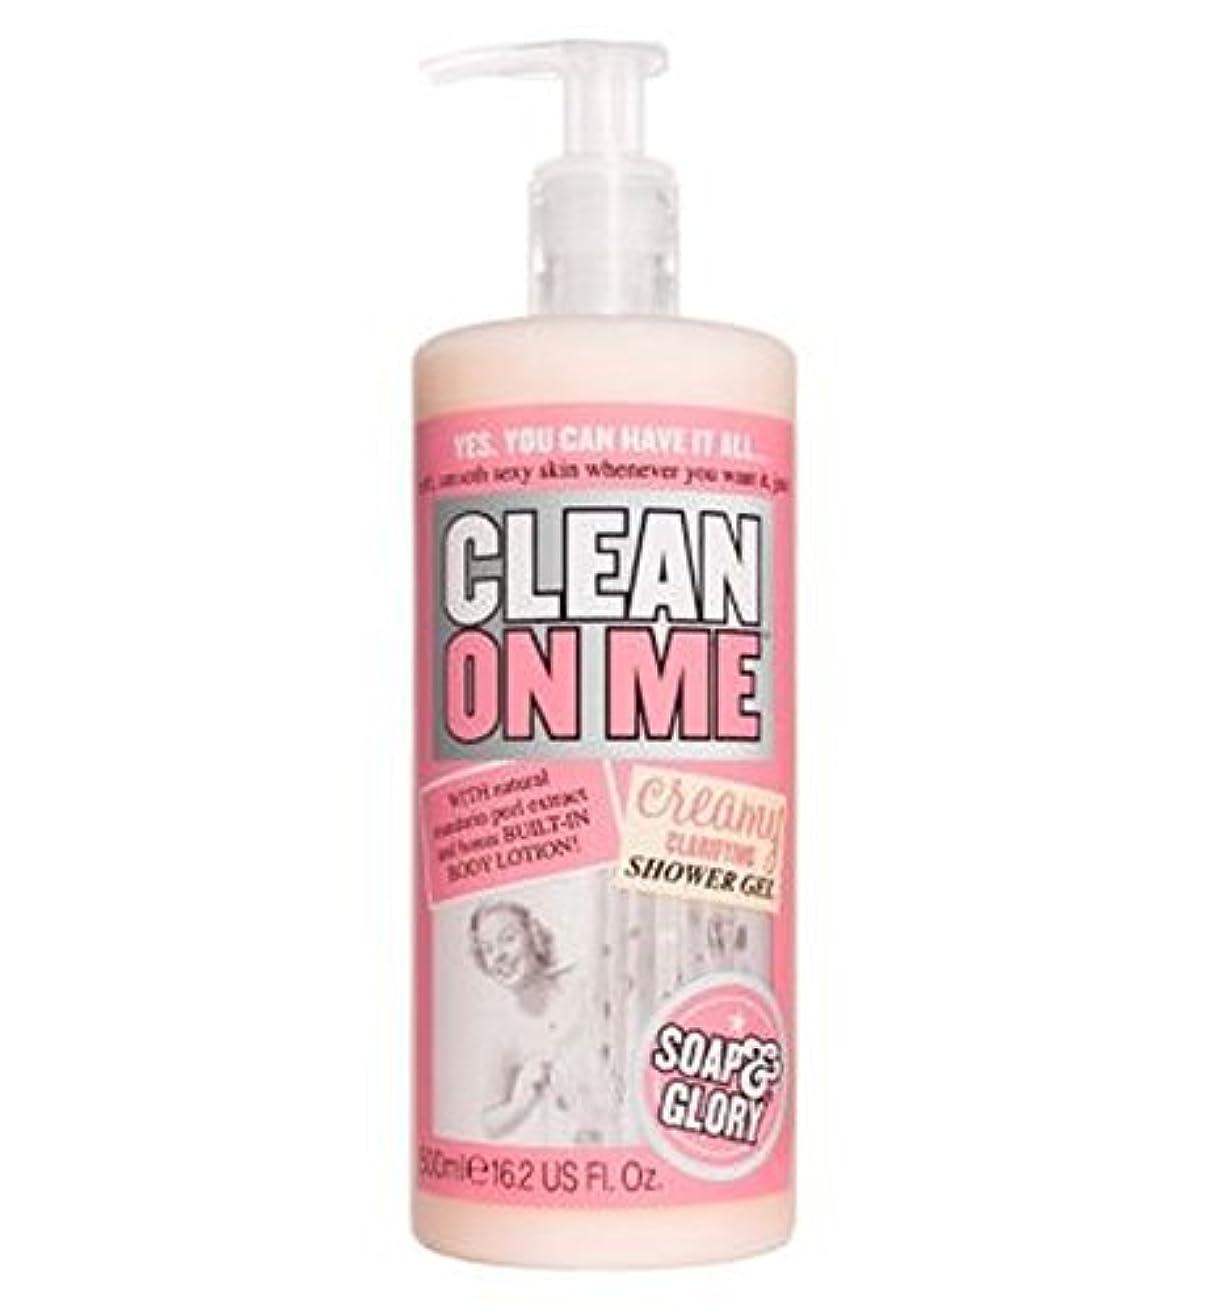 テスト協力的粘液Soap & Glory Clean On Me Creamy Clarifying Shower Gel 500ml - 私にきれいな石鹸&栄光はシャワージェル500ミリリットルを明確にクリーミー (Soap & Glory...